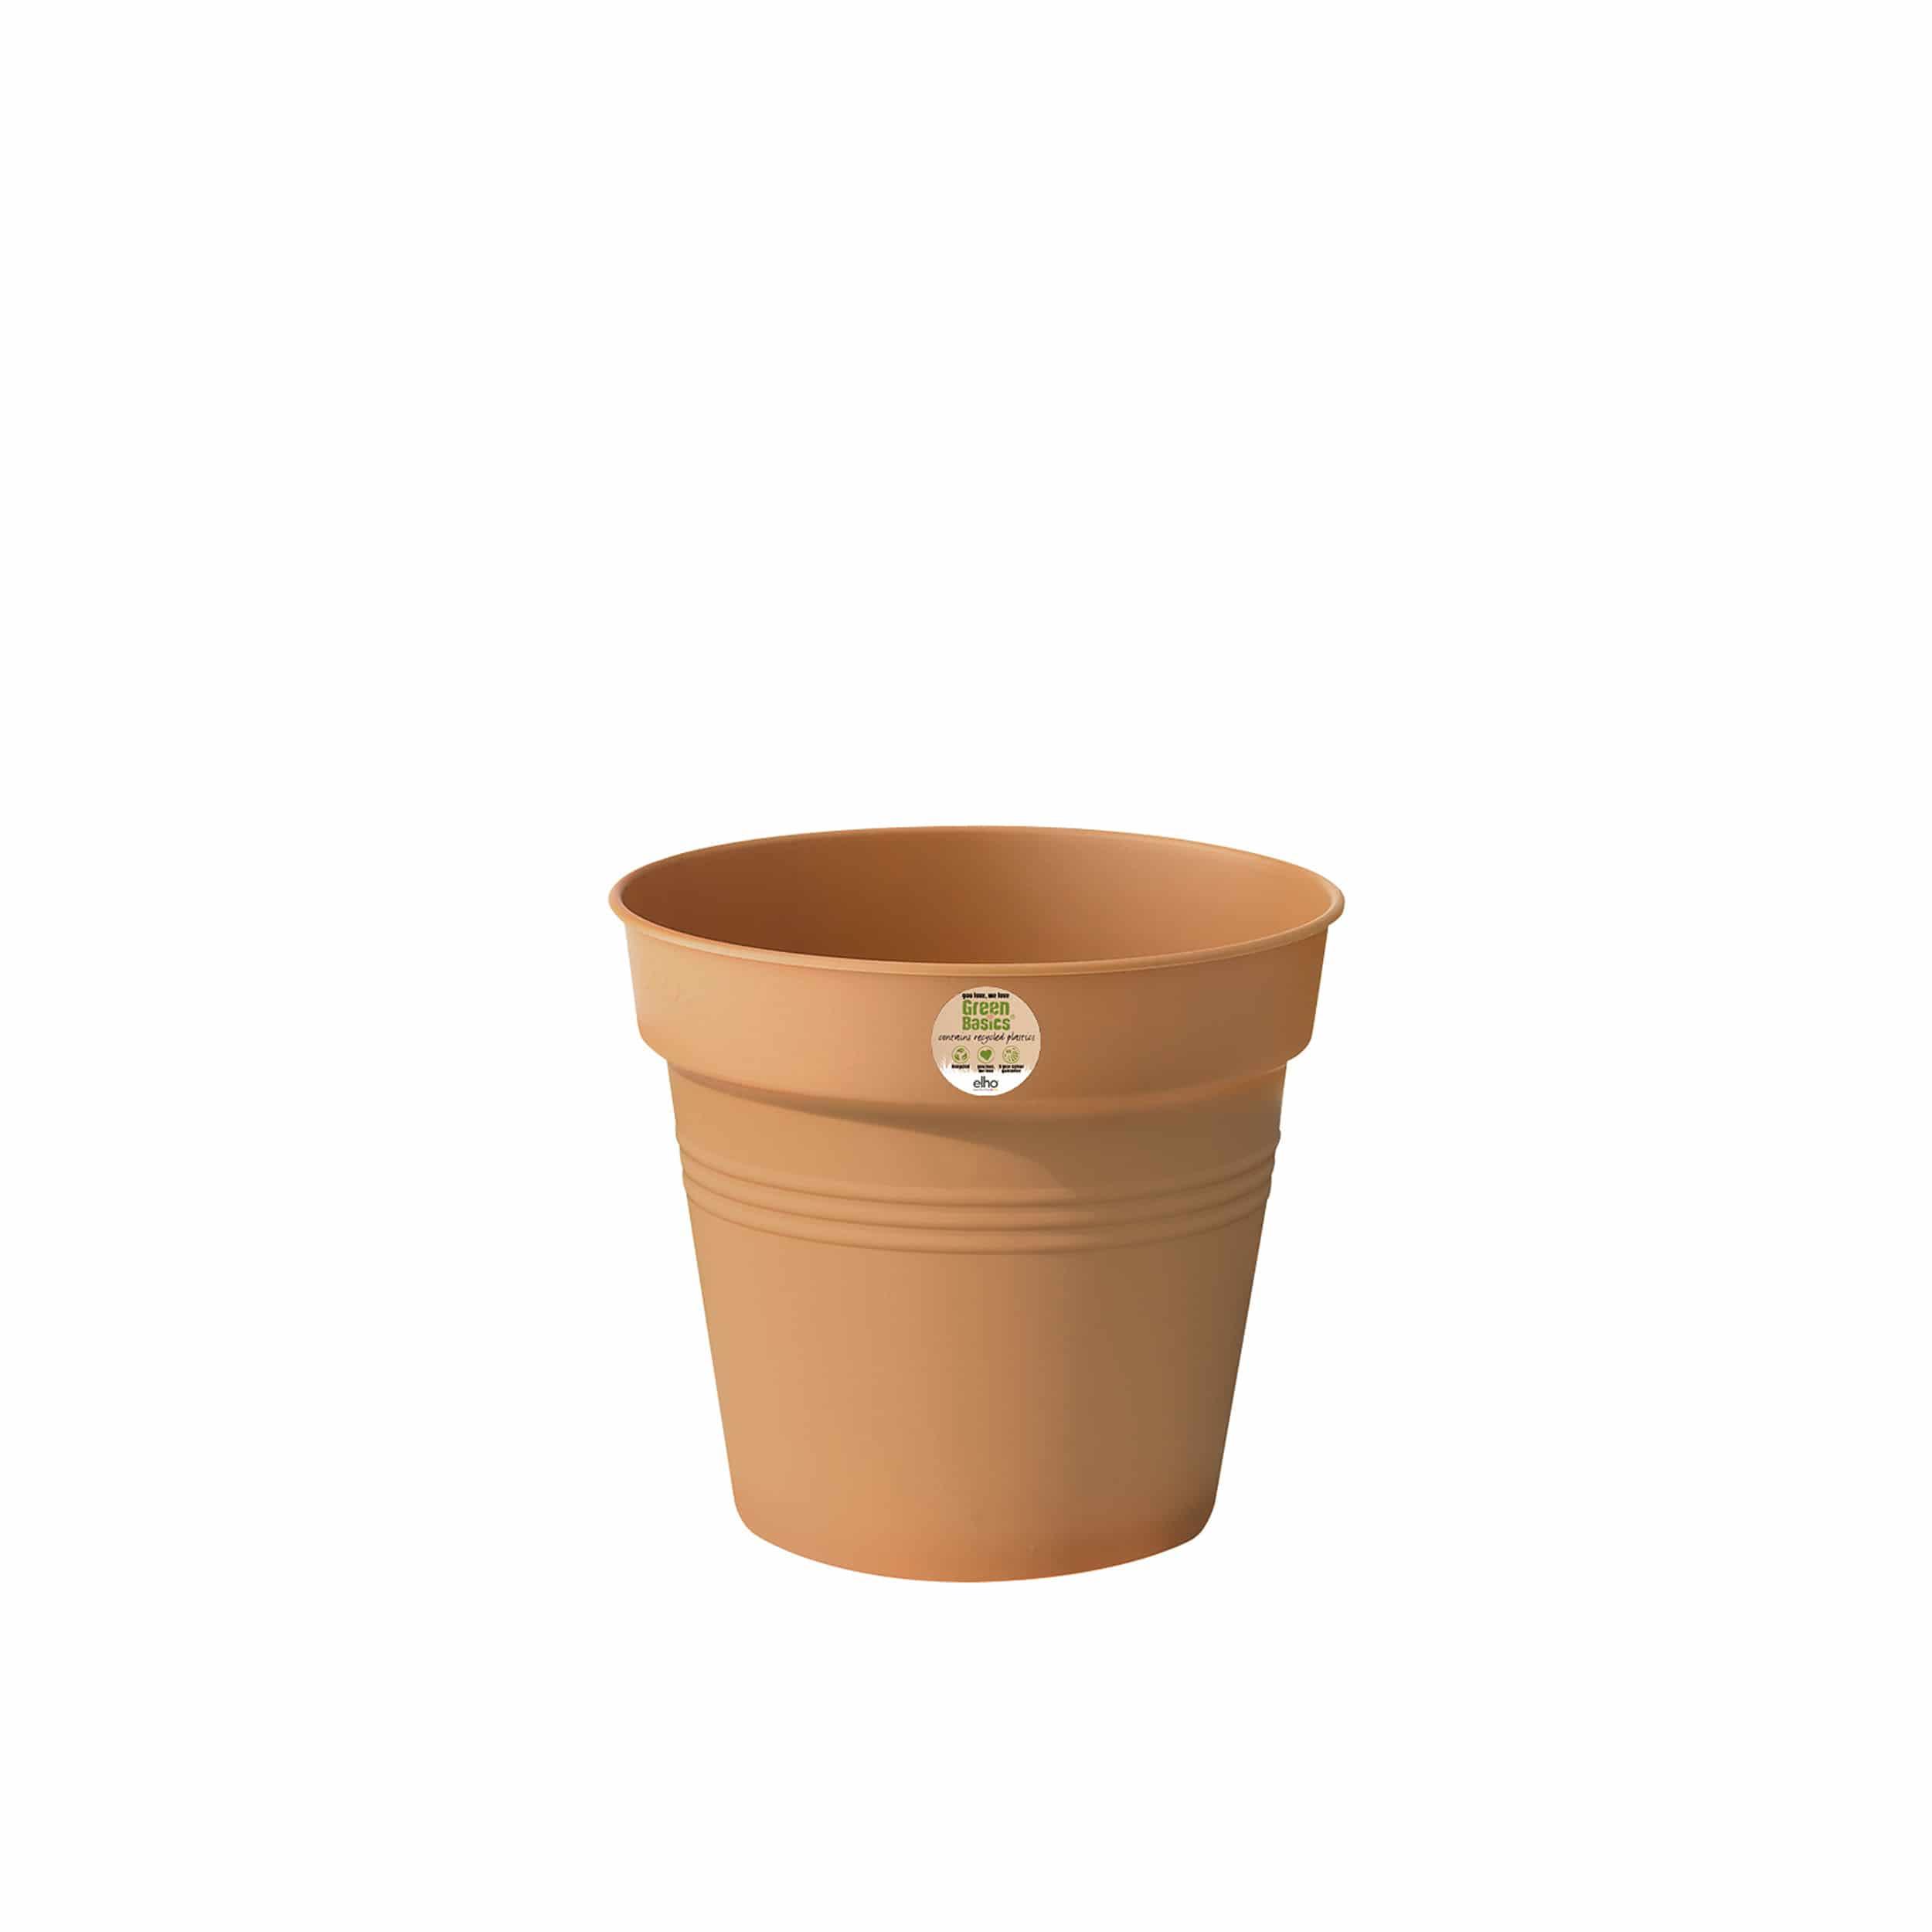 Anzuchttopf Green Basics D17cm terrakotta